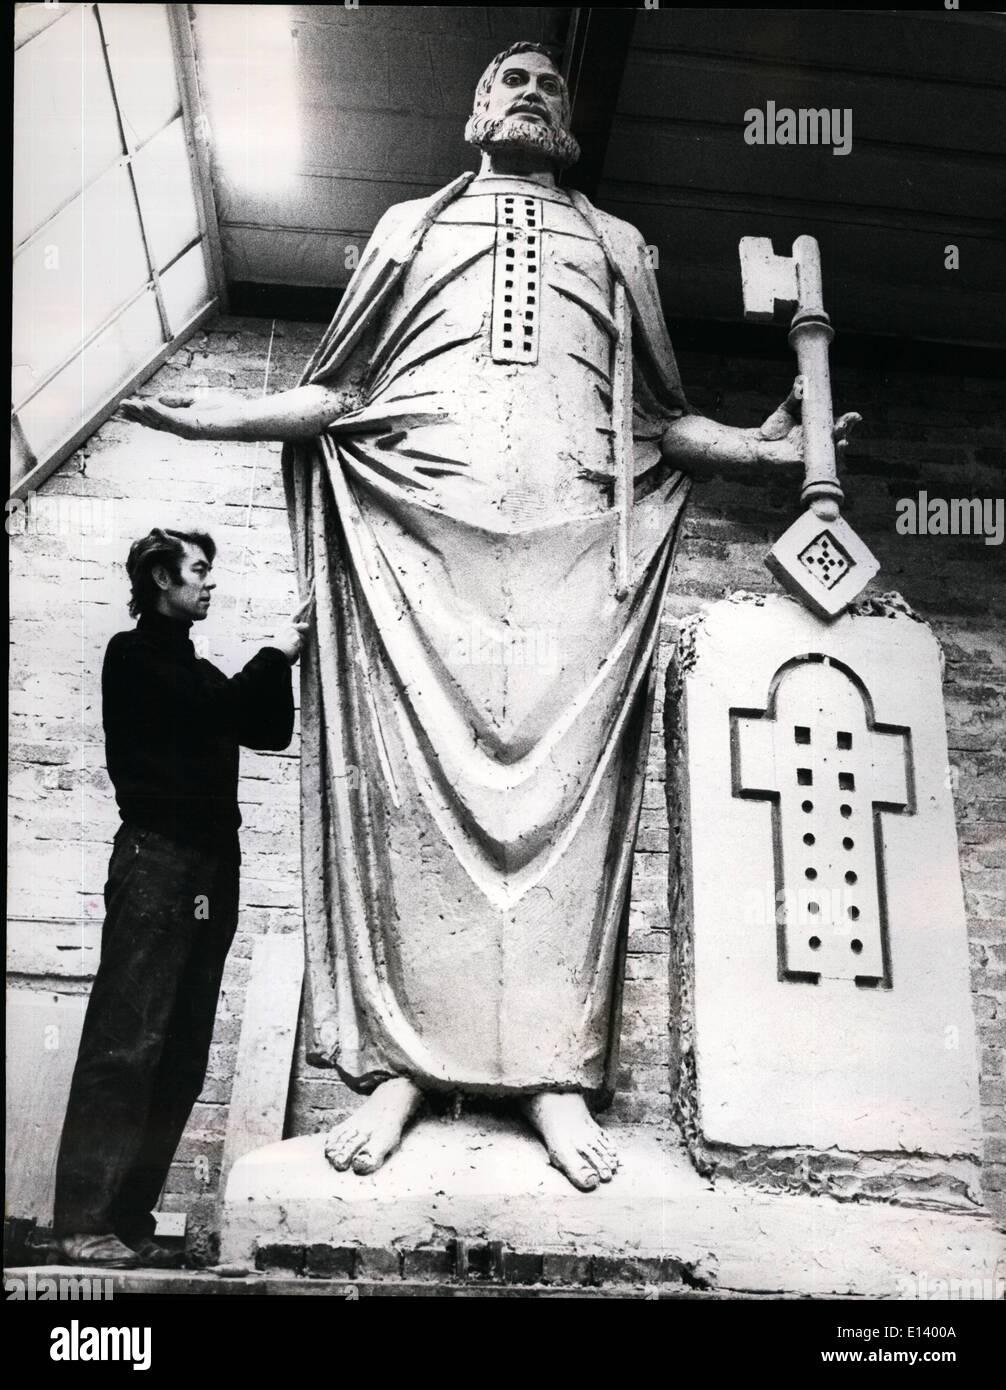 27. März 2012 - zwölf Statuen für St. Pauls. Die erste der zwölf neuen Statuen, das Werk des Bildhauers Edwin Russell Hind-Kopfes, Surrey ist fast fertig, in Position gehisst werden, so dass die Künstler und die Kathedrale Beamten Mav ihn vom Boden anzeigen. Die zwölf Fuß hoch full-Size Tonmodell von st. Peter wurde im Atelier des Künstlers fotografiert. Stockbild